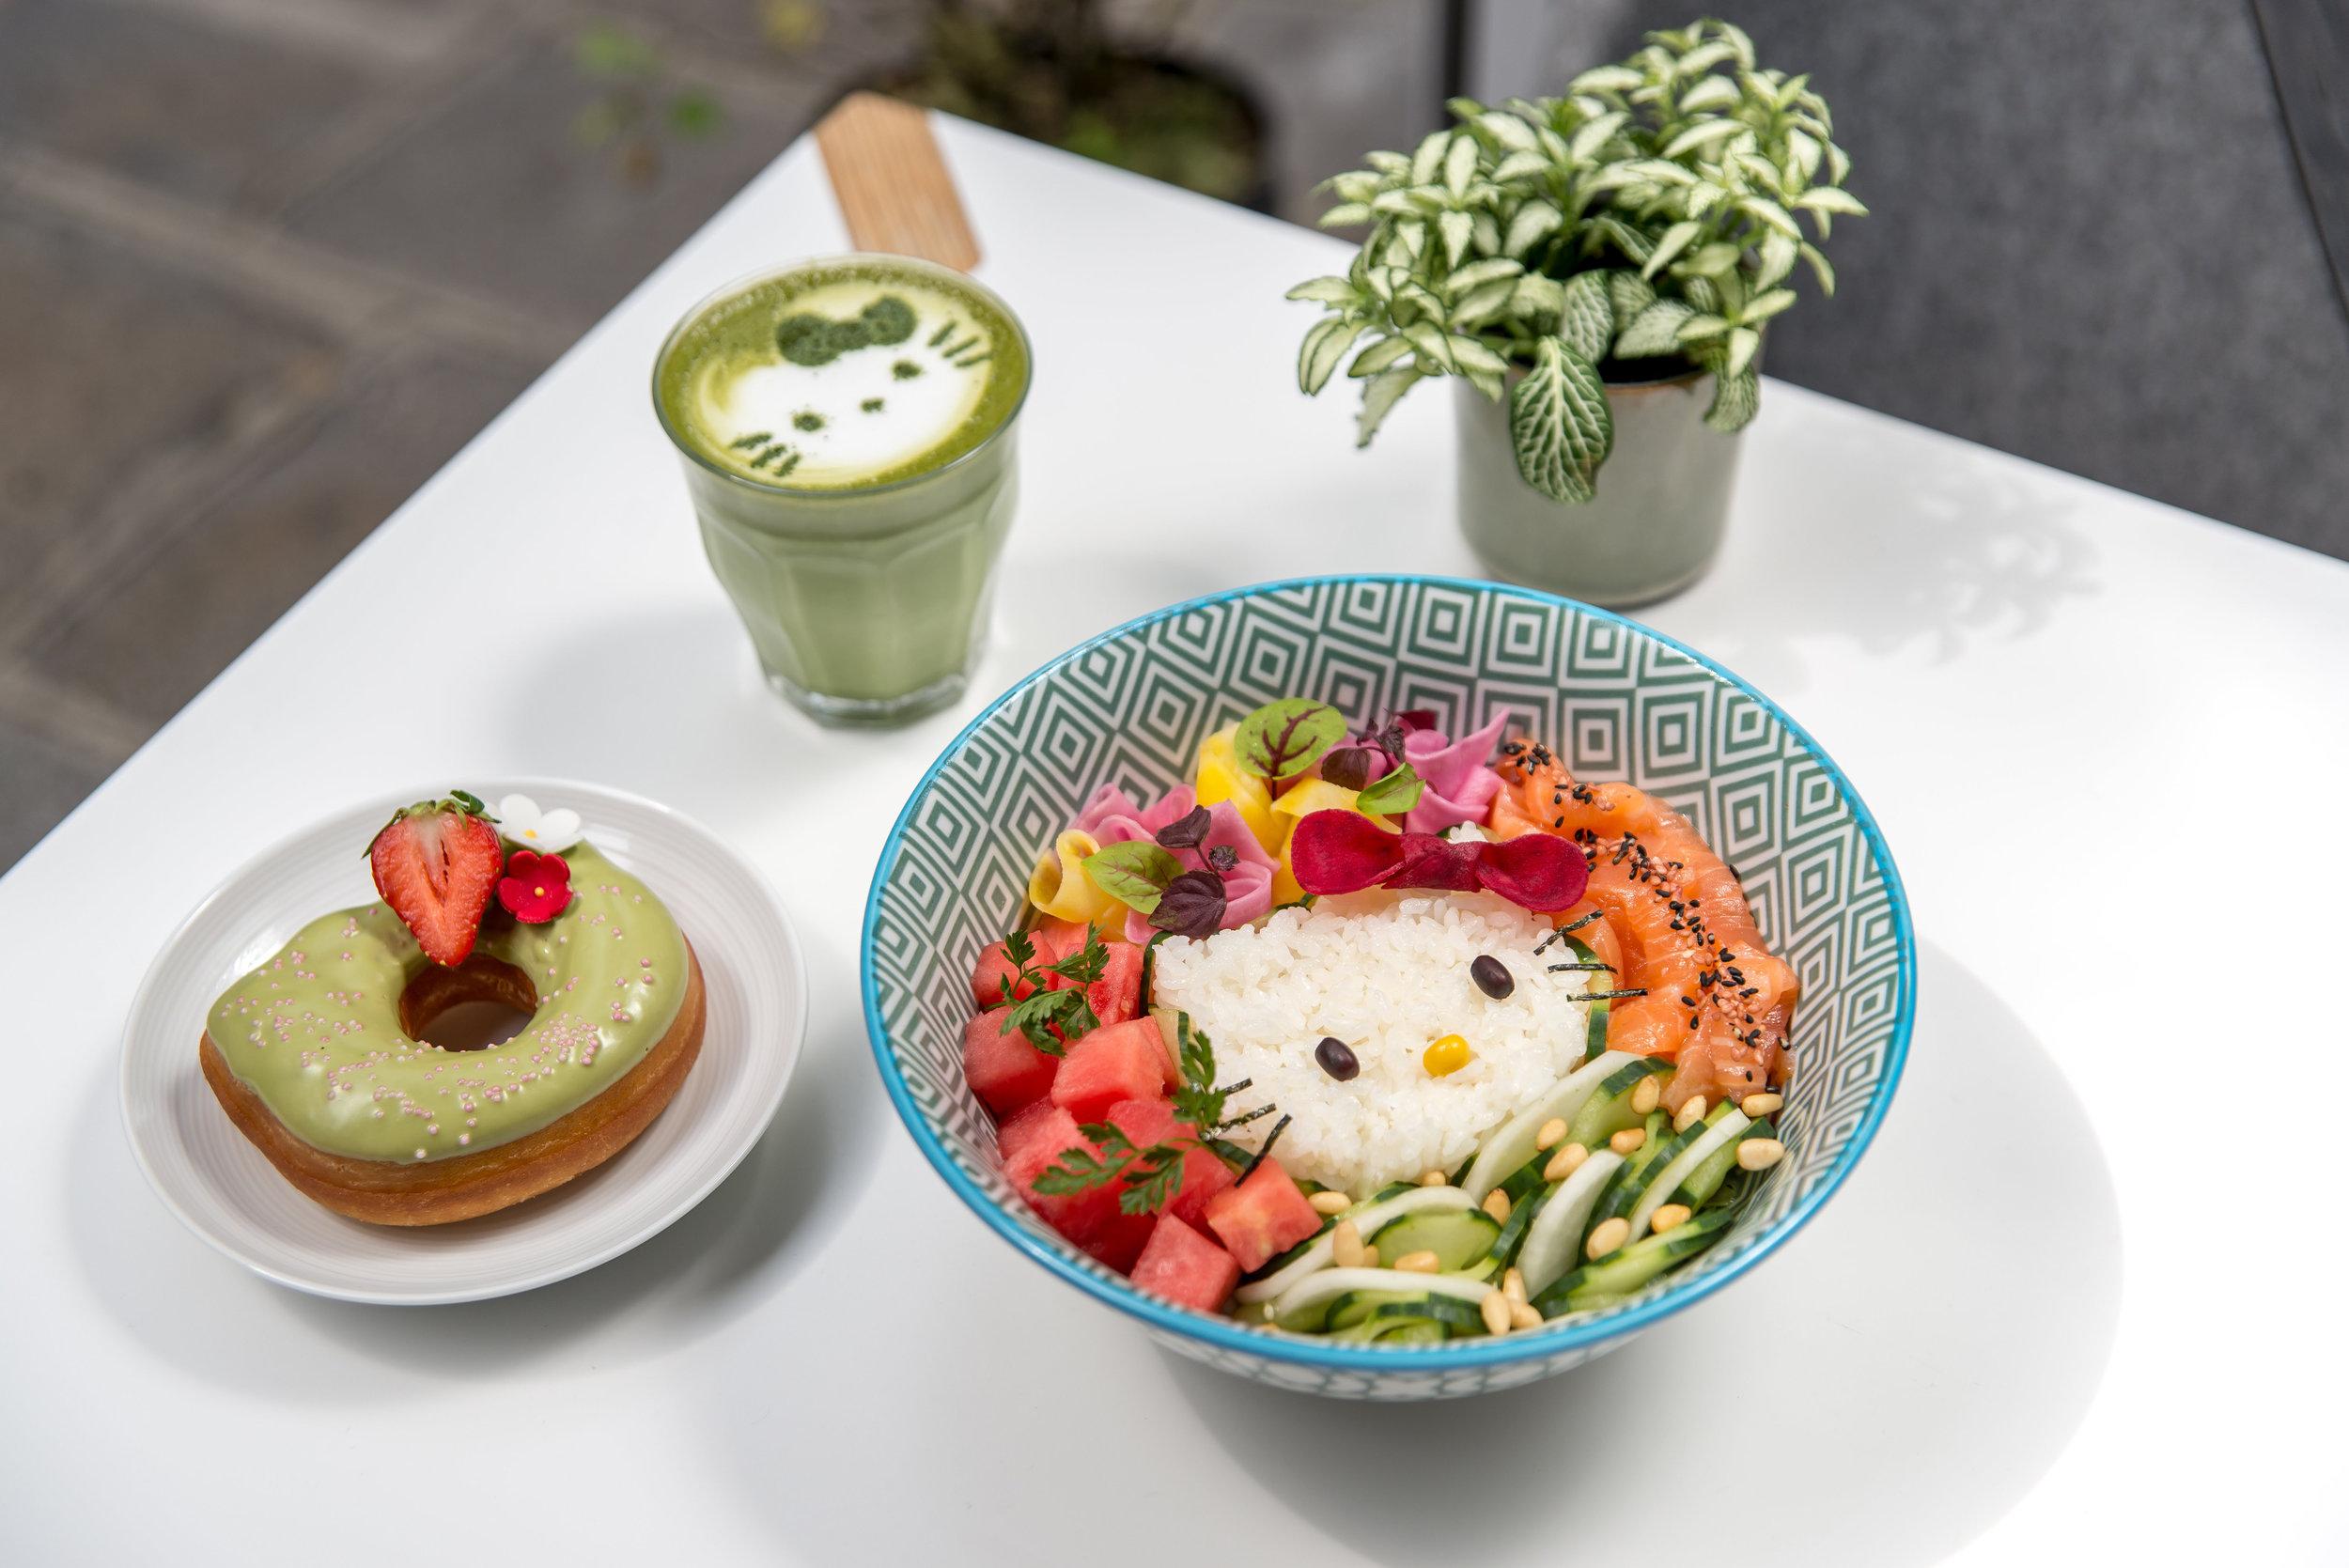 Umami-Matcha-Café-Hello-Kitty-elisa-les-bons-tuyaux-3.jpg